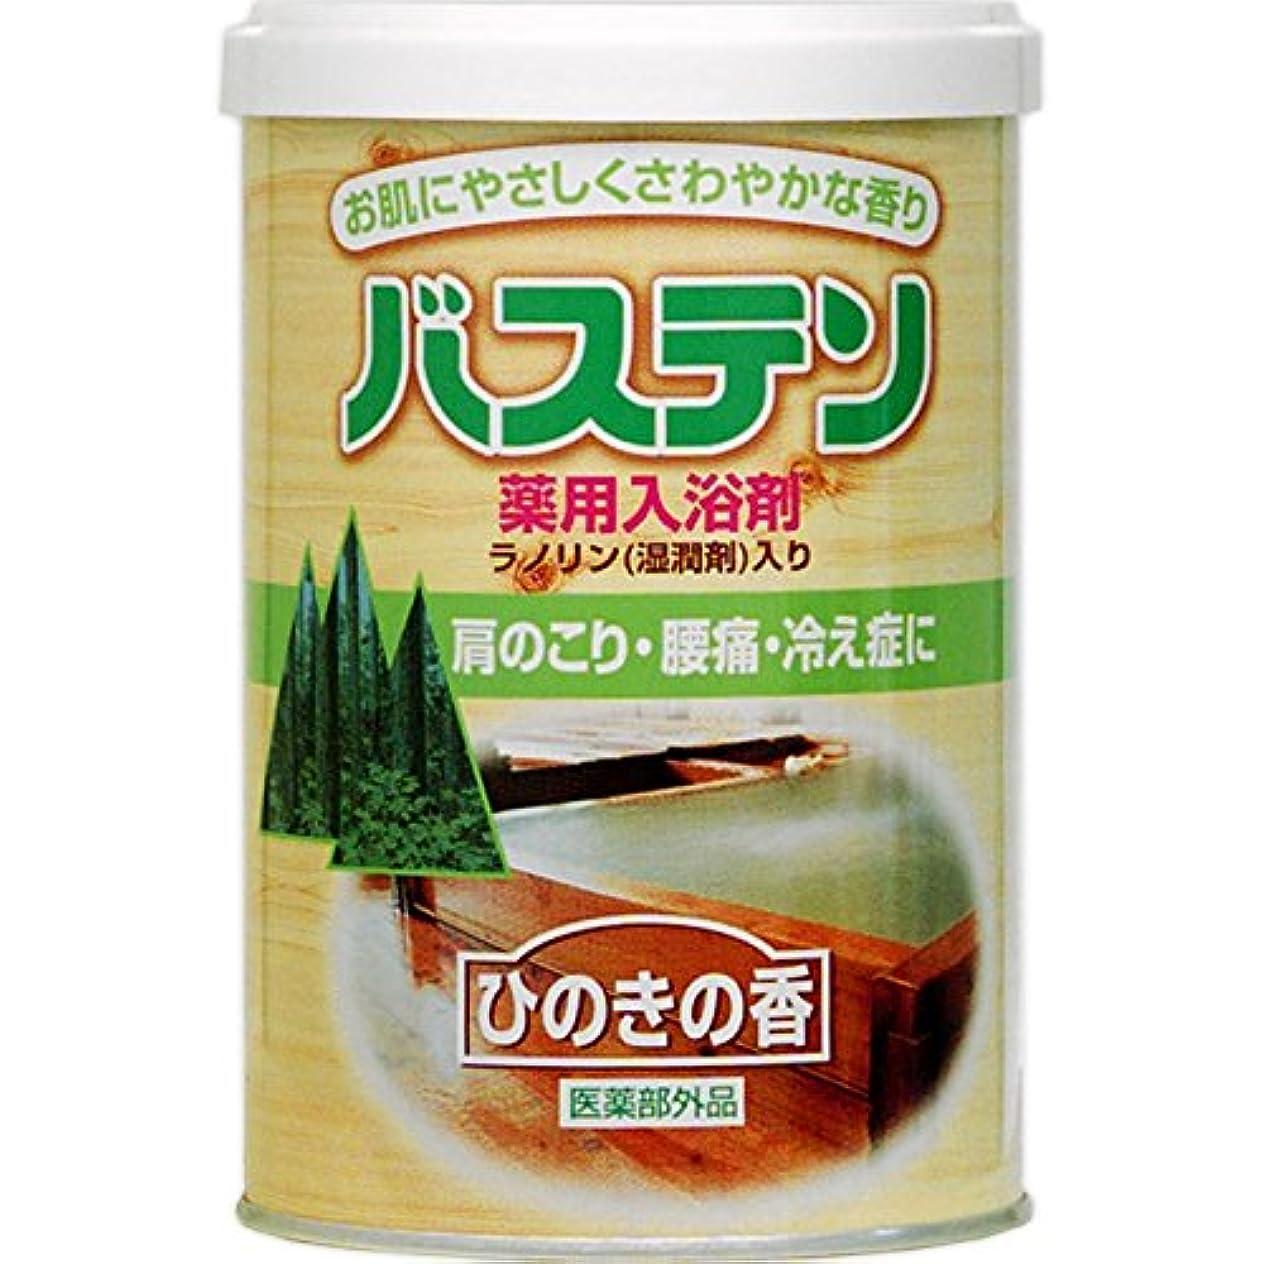 奥田薬品 薬用入浴剤 バステン ひのきの香り 900g [医薬部外品]